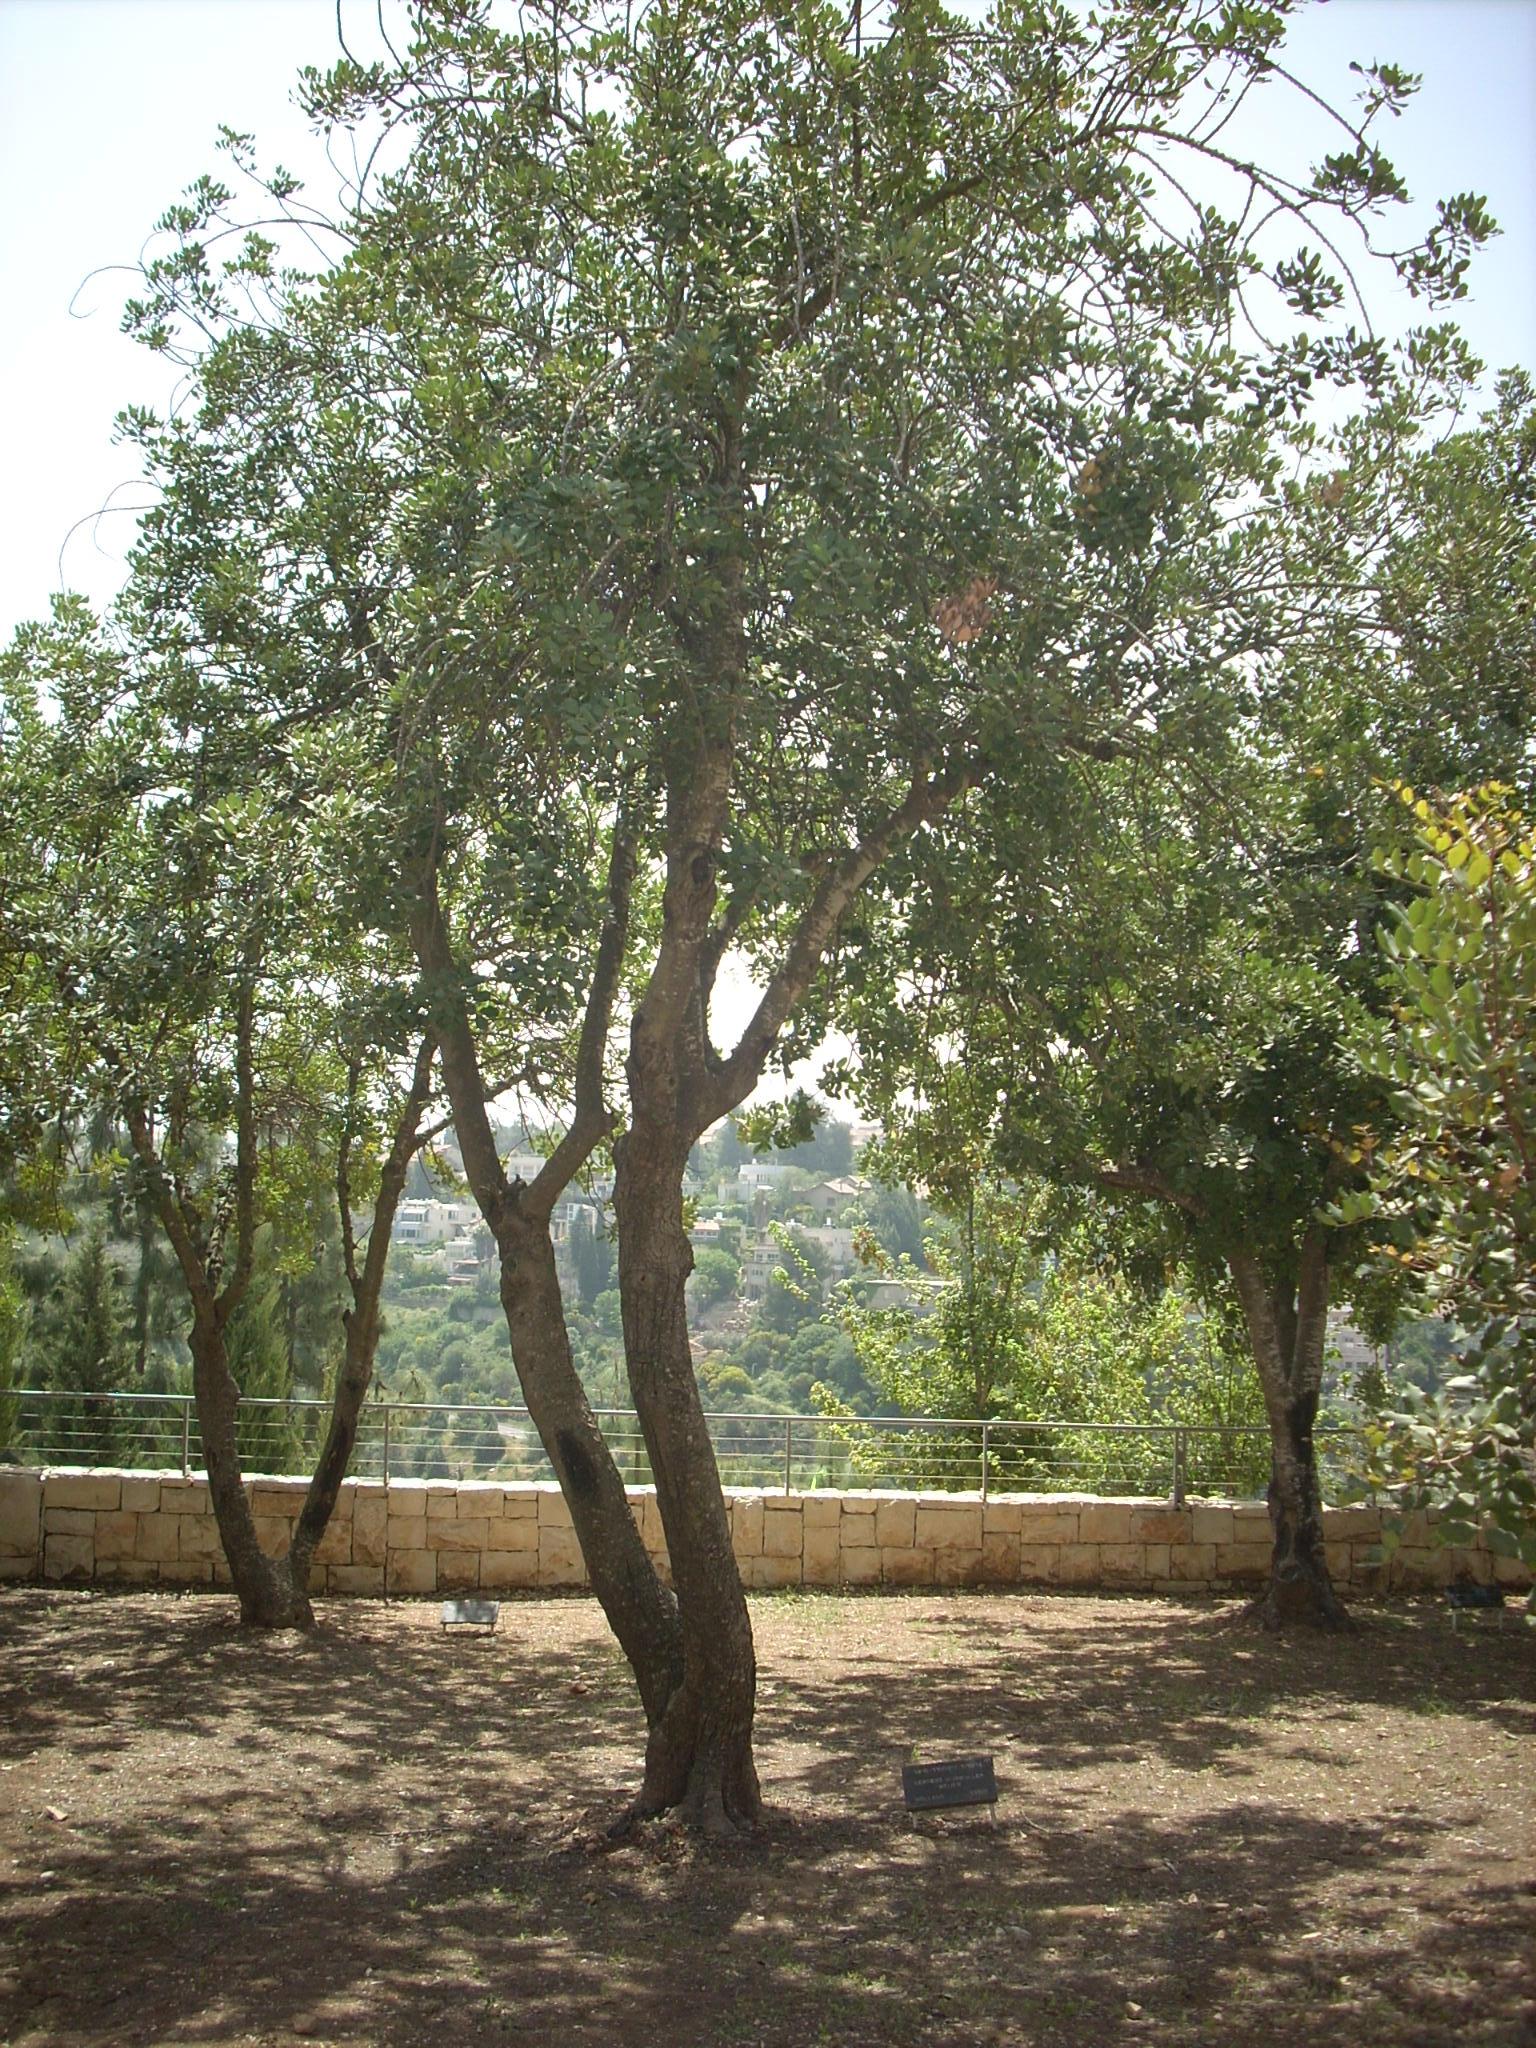 Tree in Honor of Wijsmuller